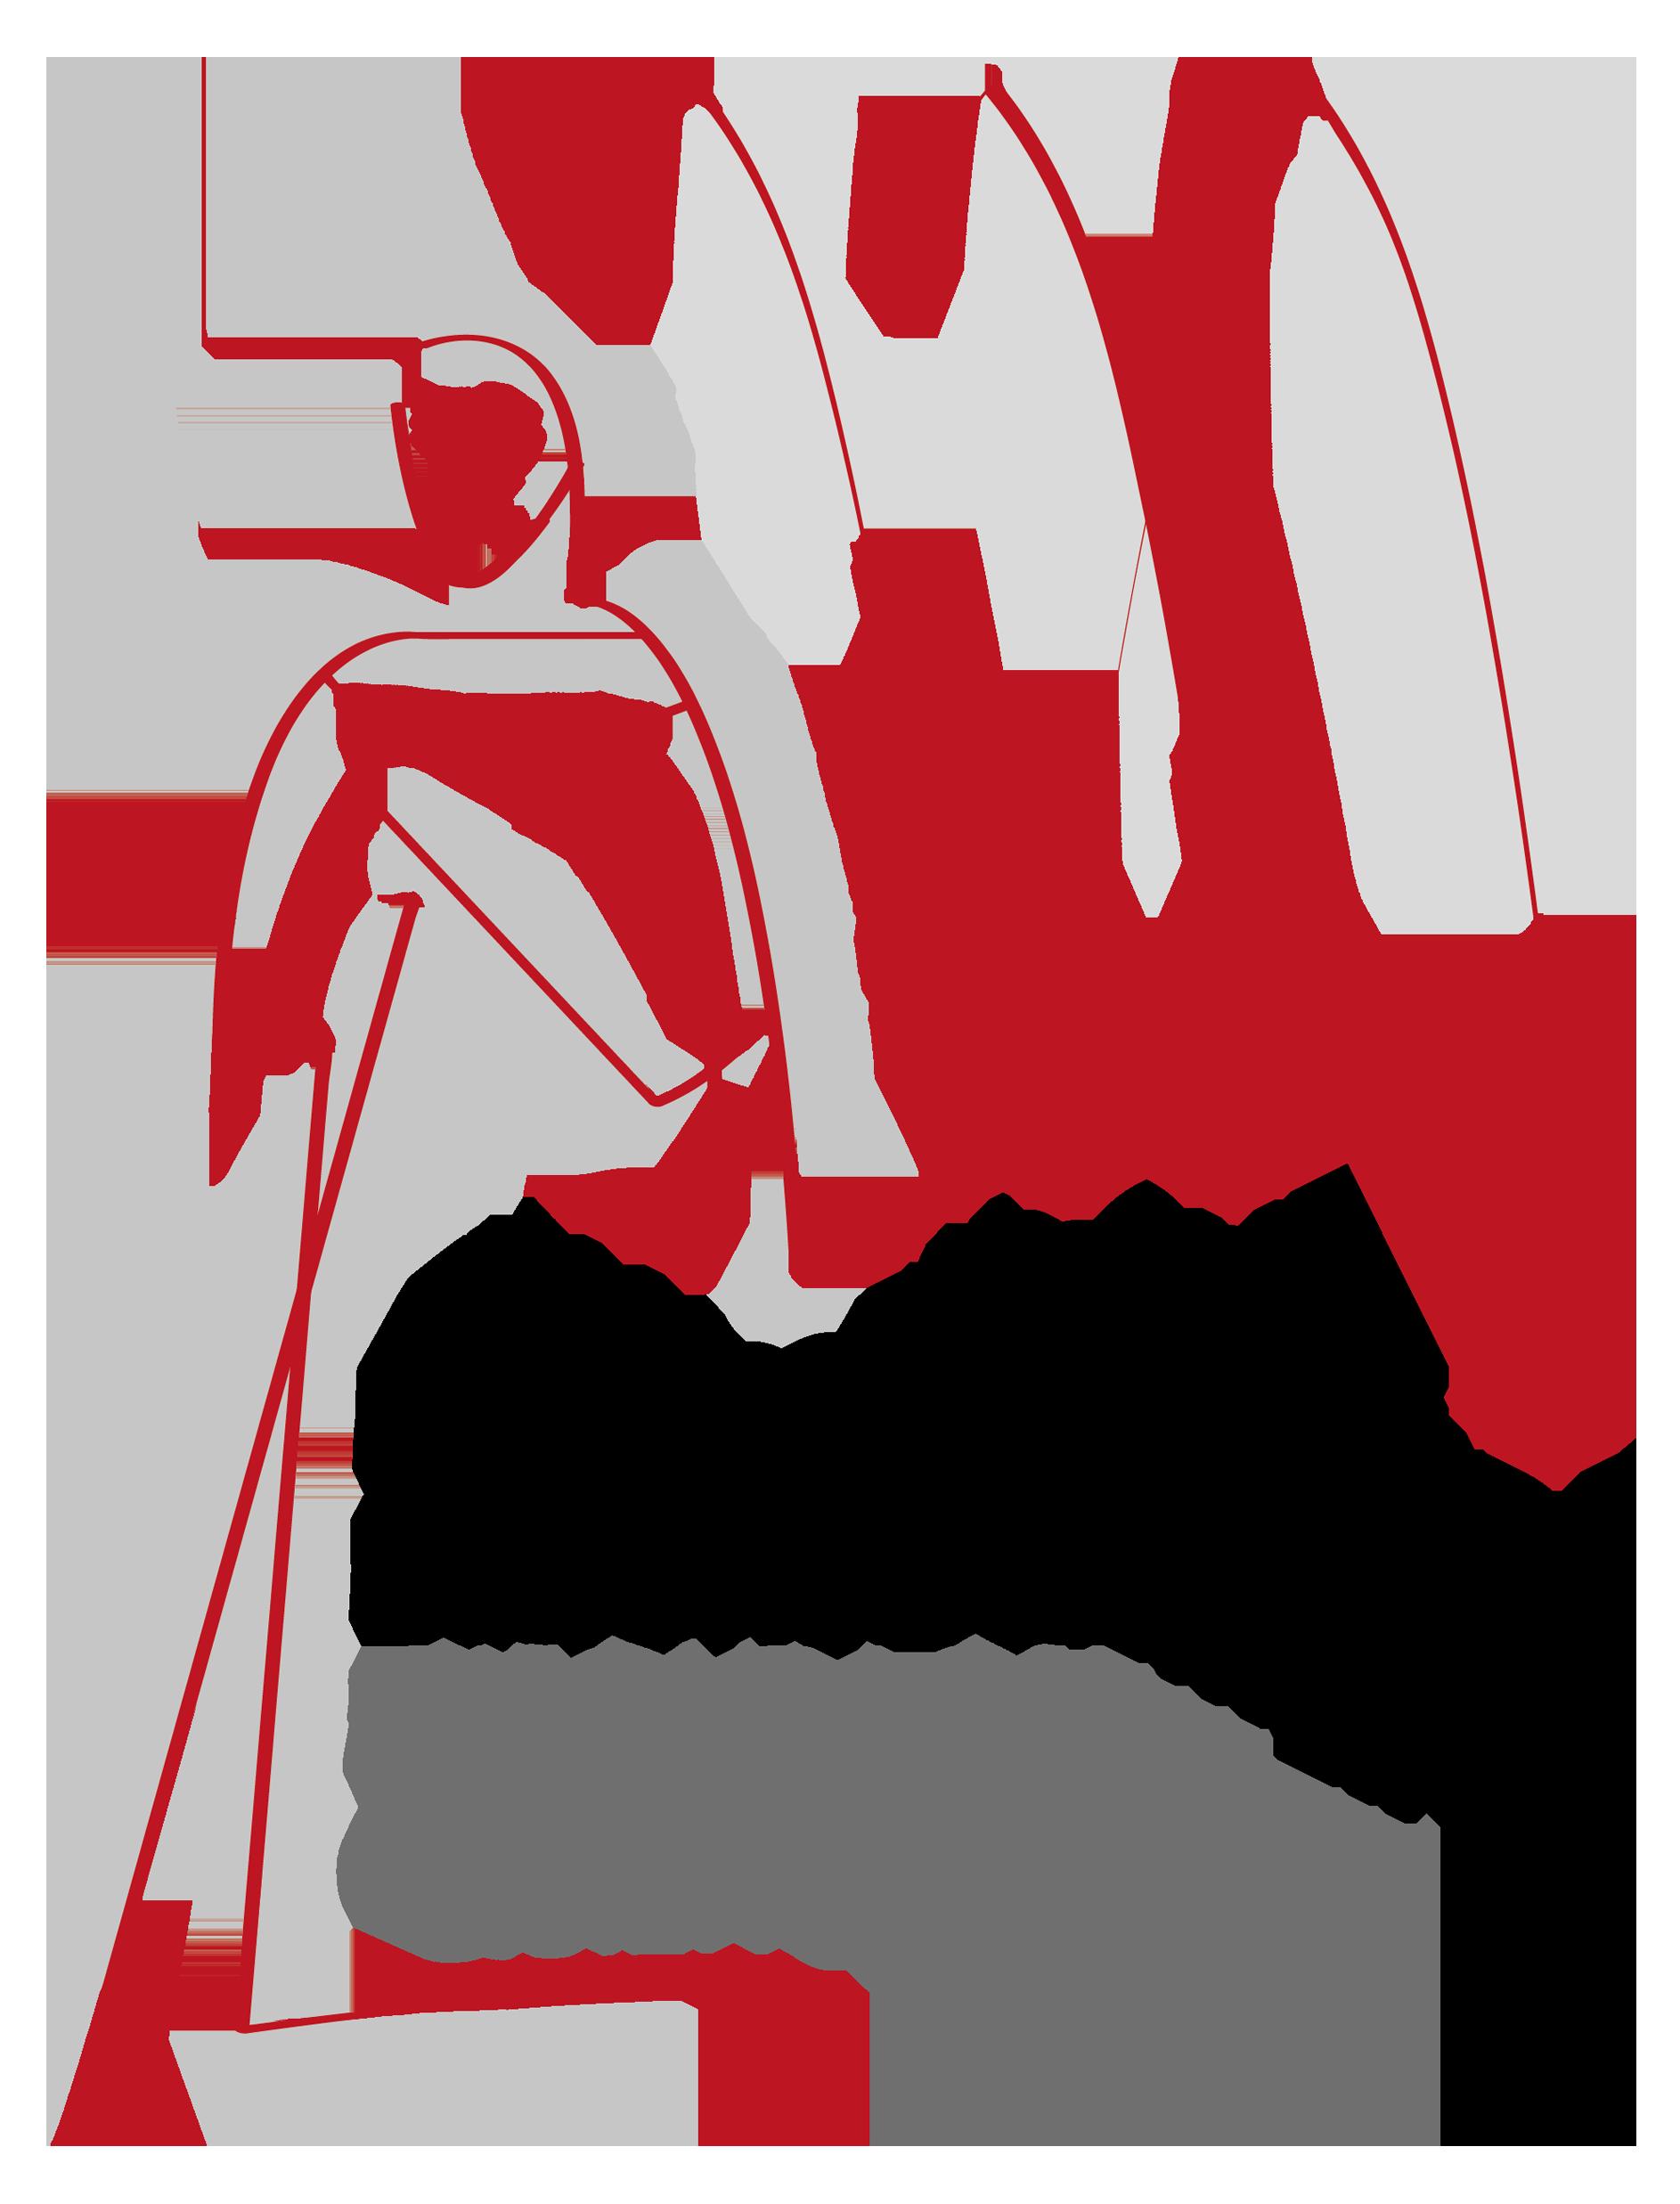 Fischbach: Über den Glauben nachdenken mit Texten von Dietrich Bonhoeffer - Ein Gesprächskreis